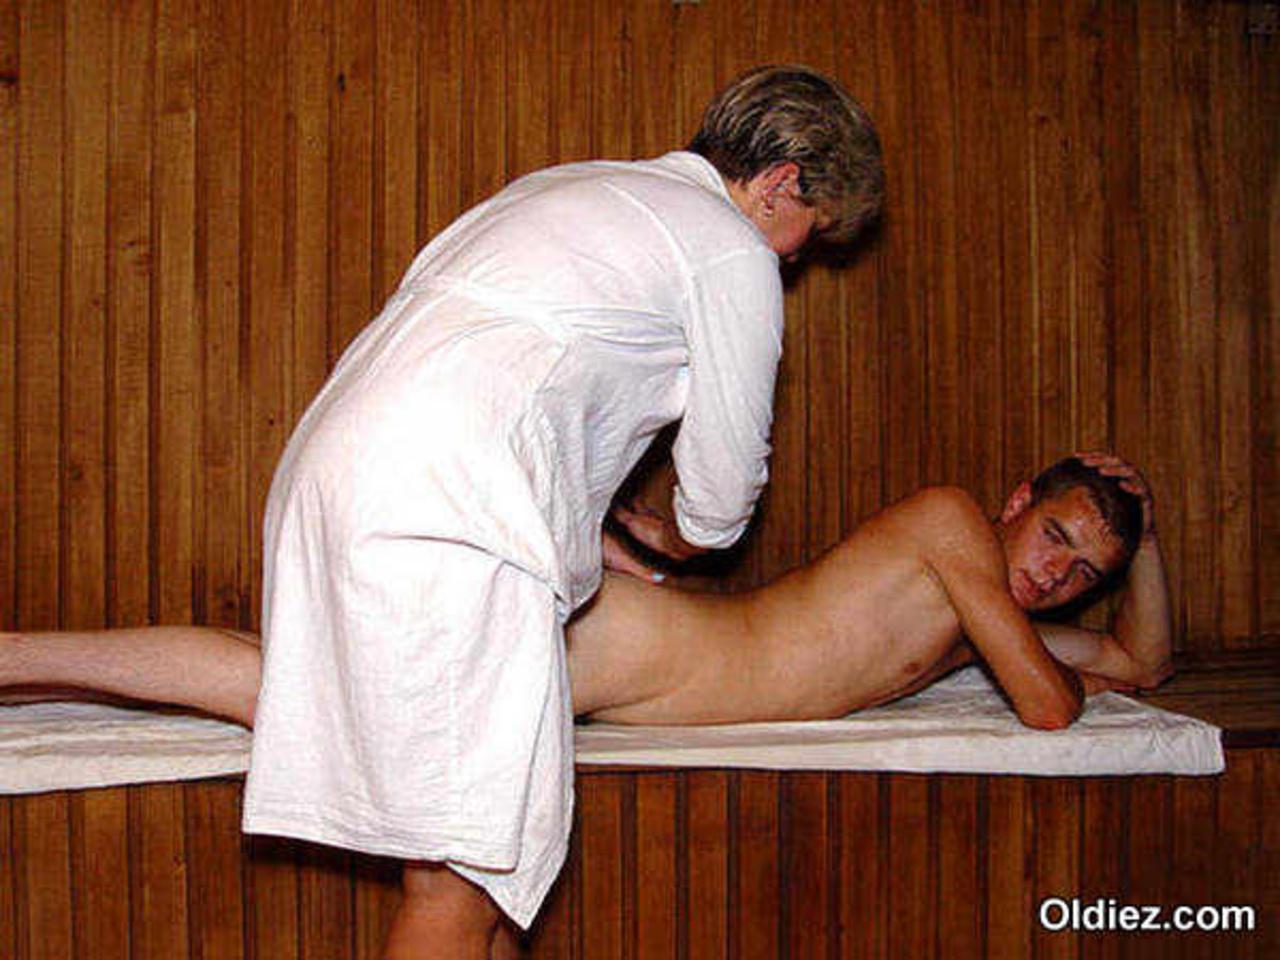 Увидела парни сосут в бане